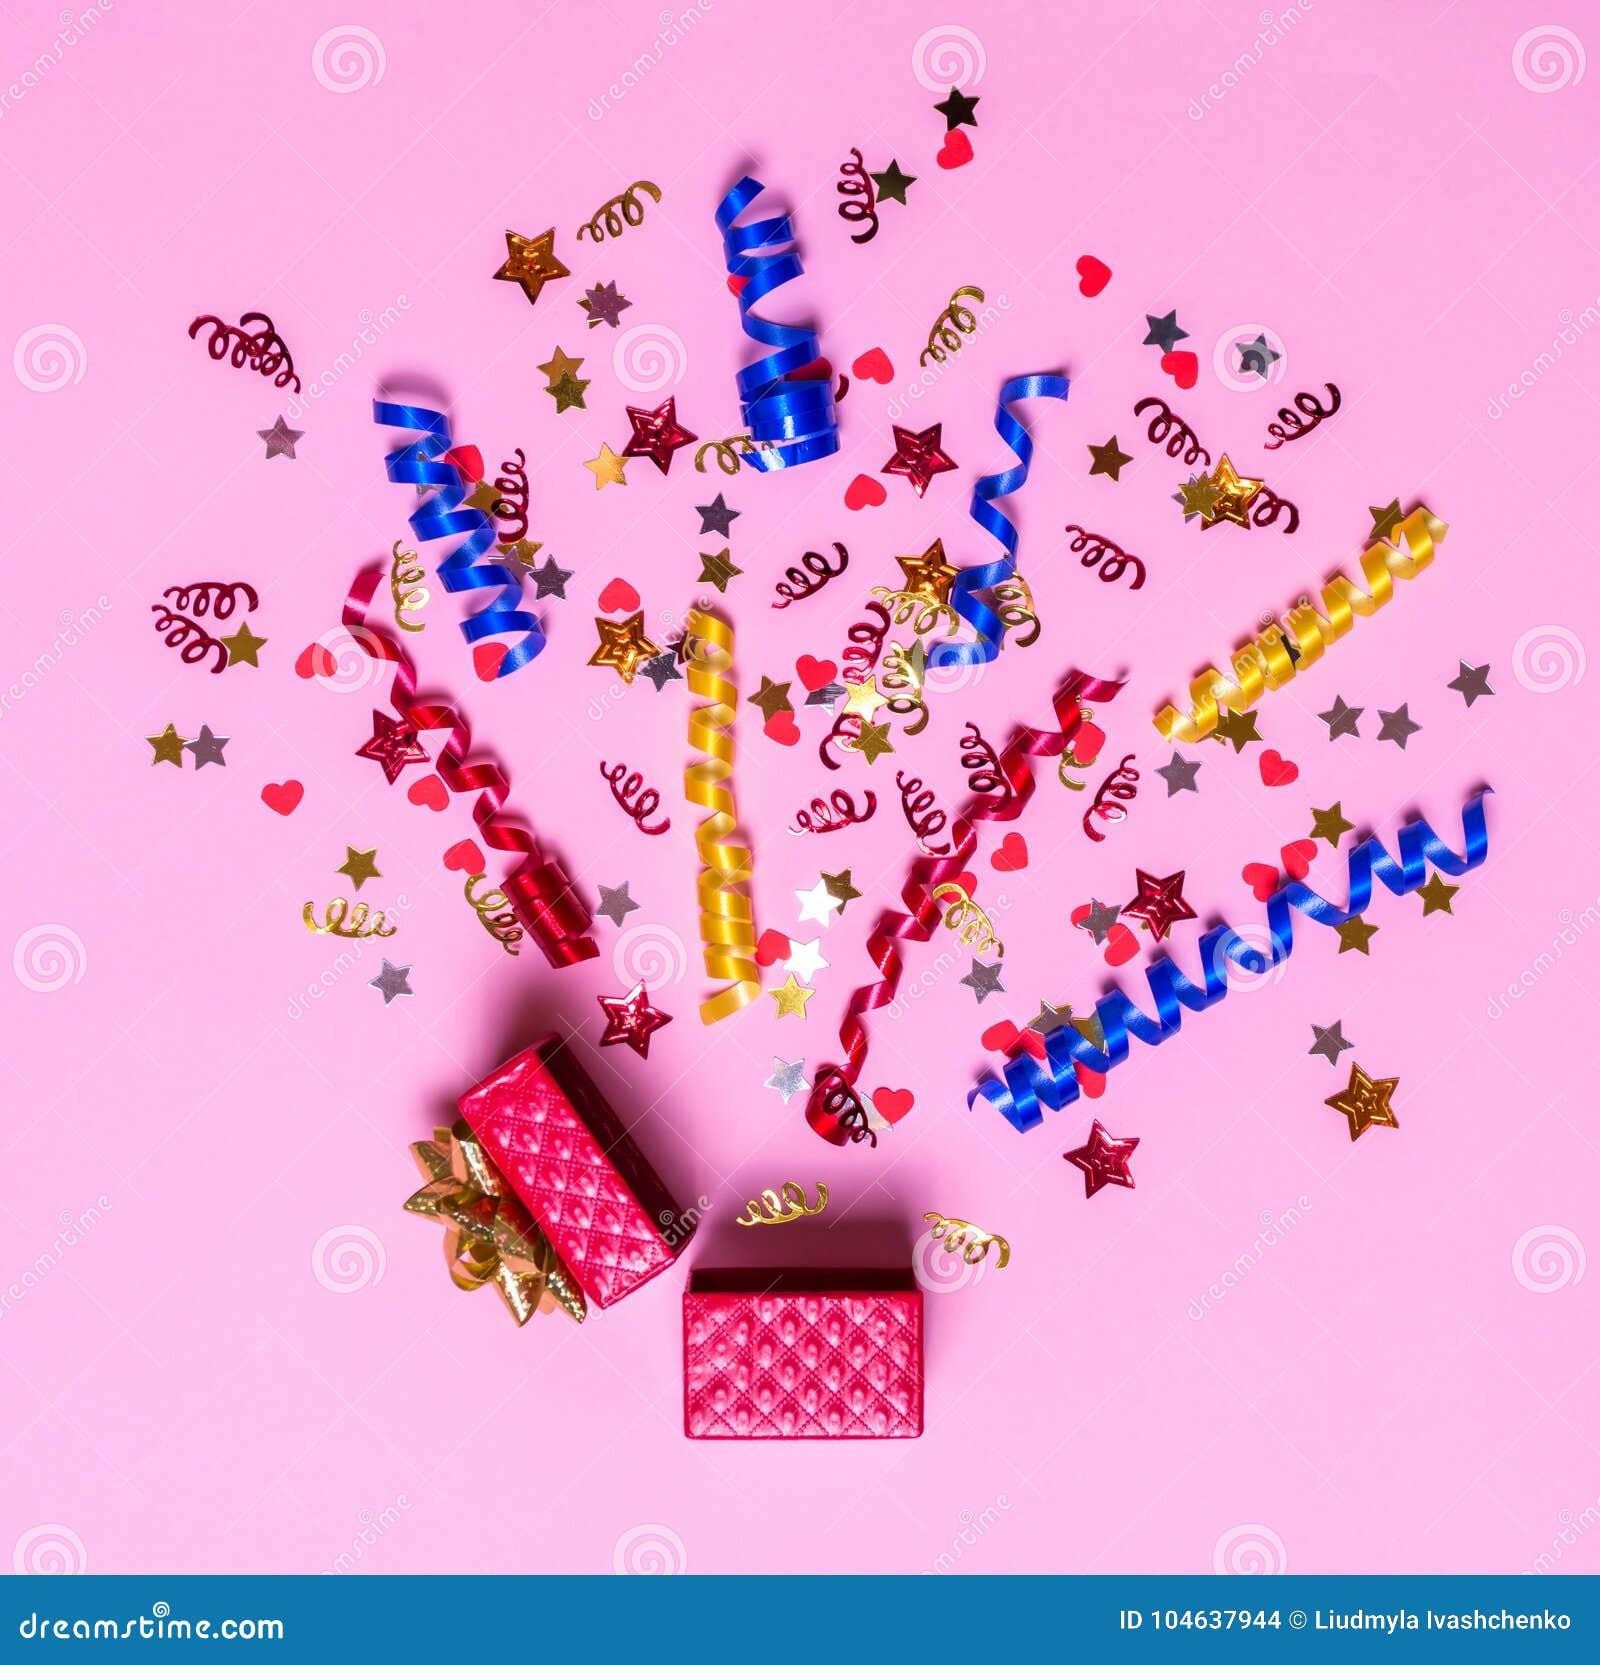 Download Creatief Concept Met Feestelijk Decor Op Roze Achtergrond Explosie Van Confettien Stock Foto - Afbeelding bestaande uit achtergrond, decoratie: 104637944